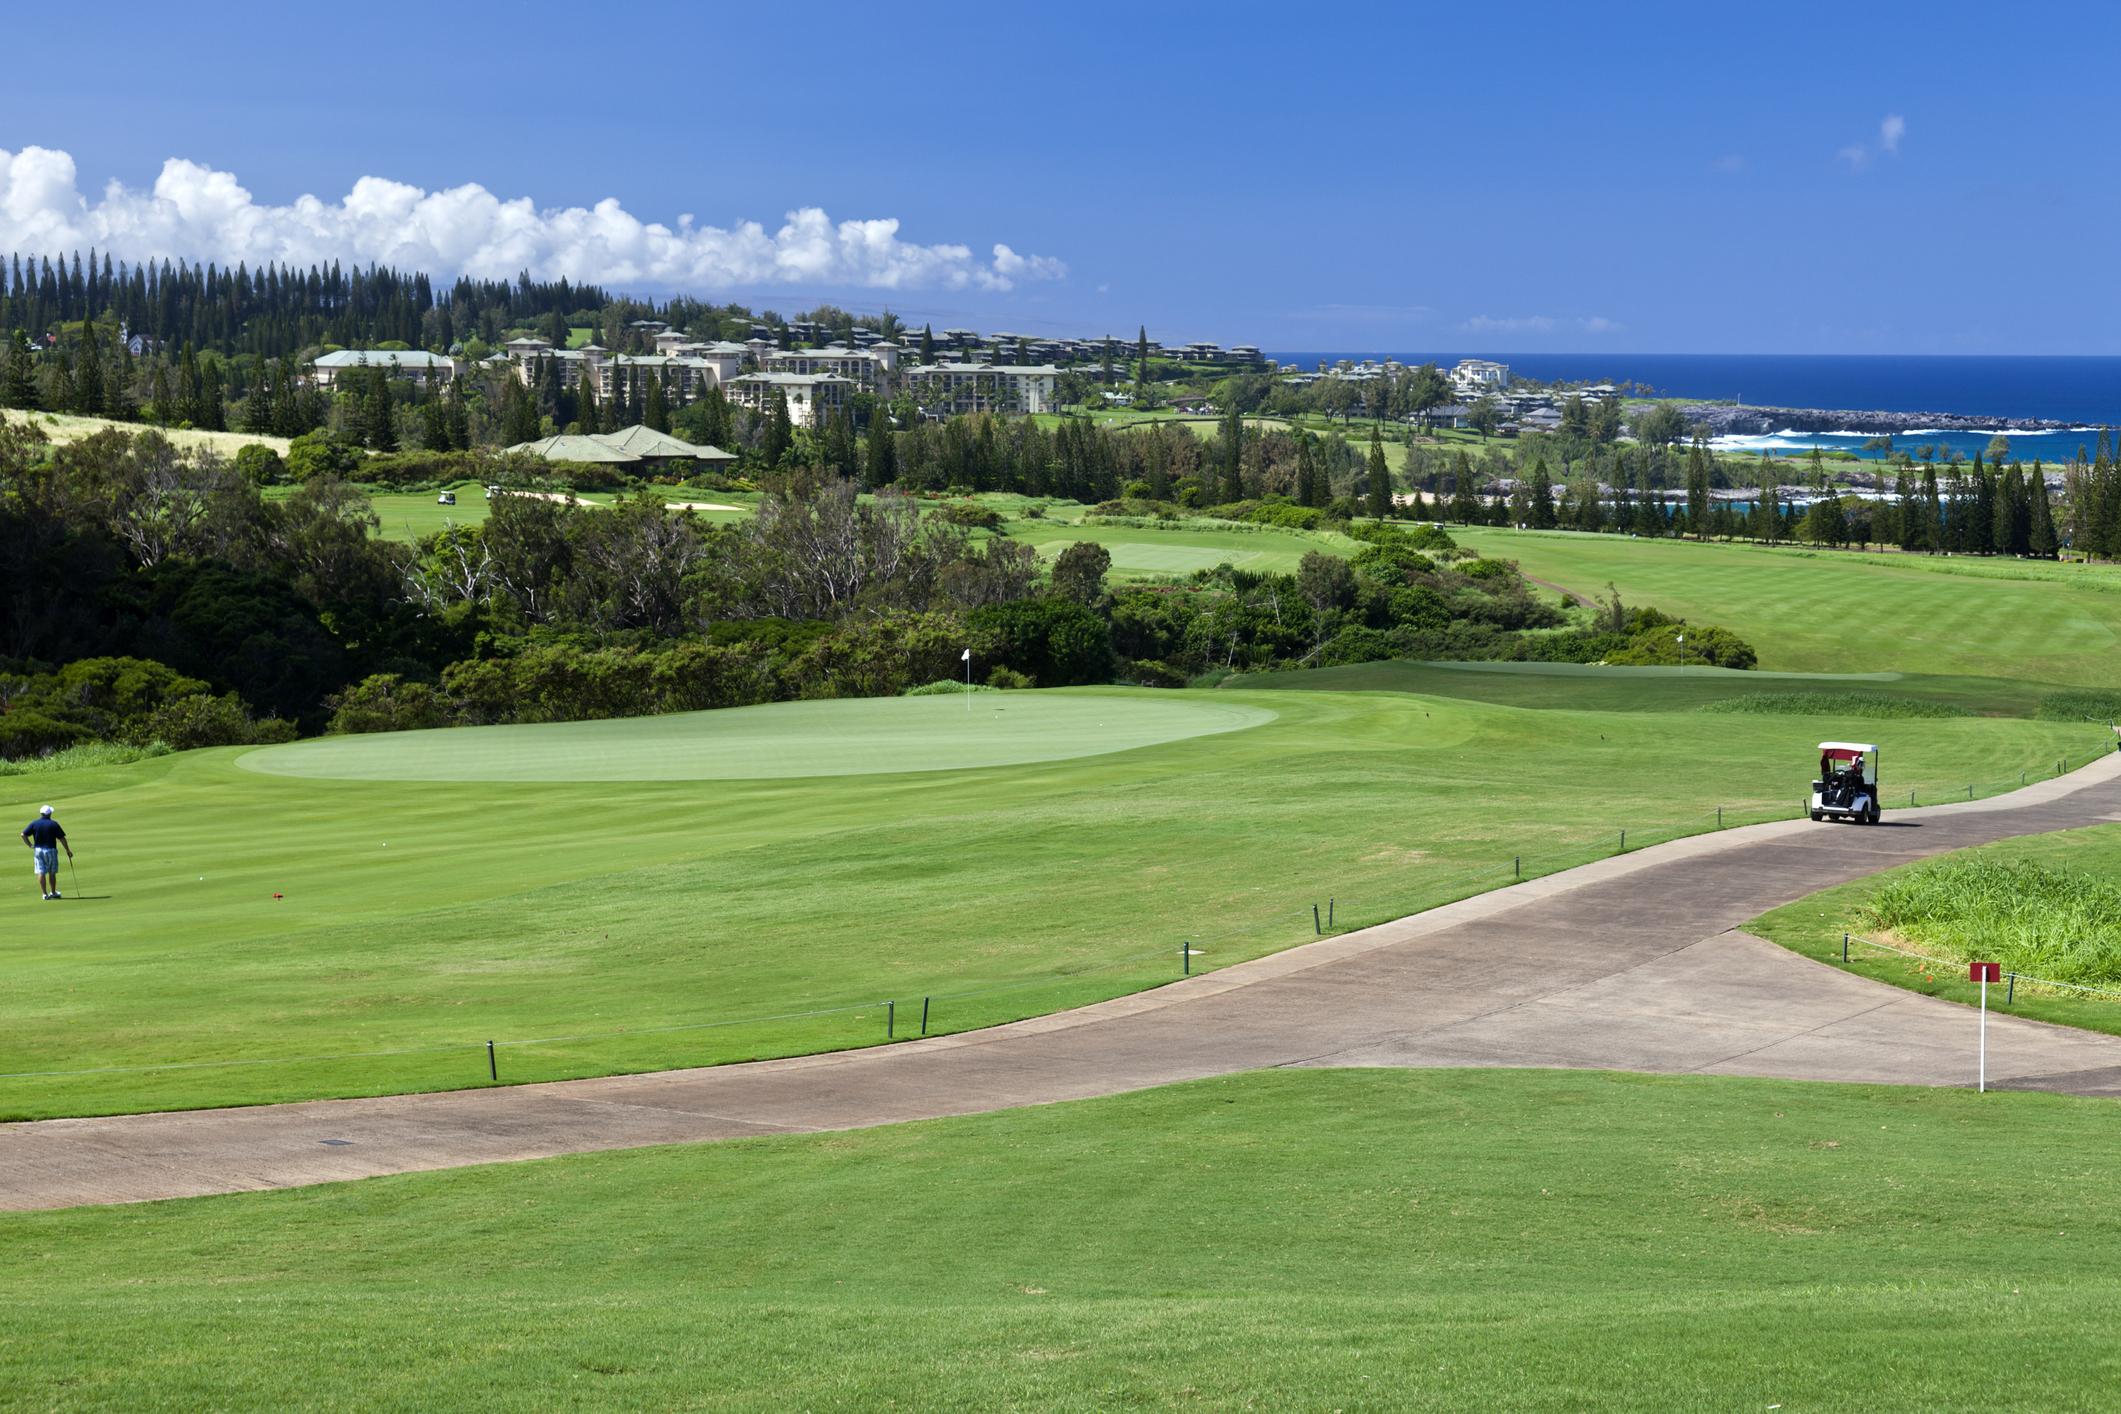 A golf cart drives along an oceanfront golf course in Kapalua.